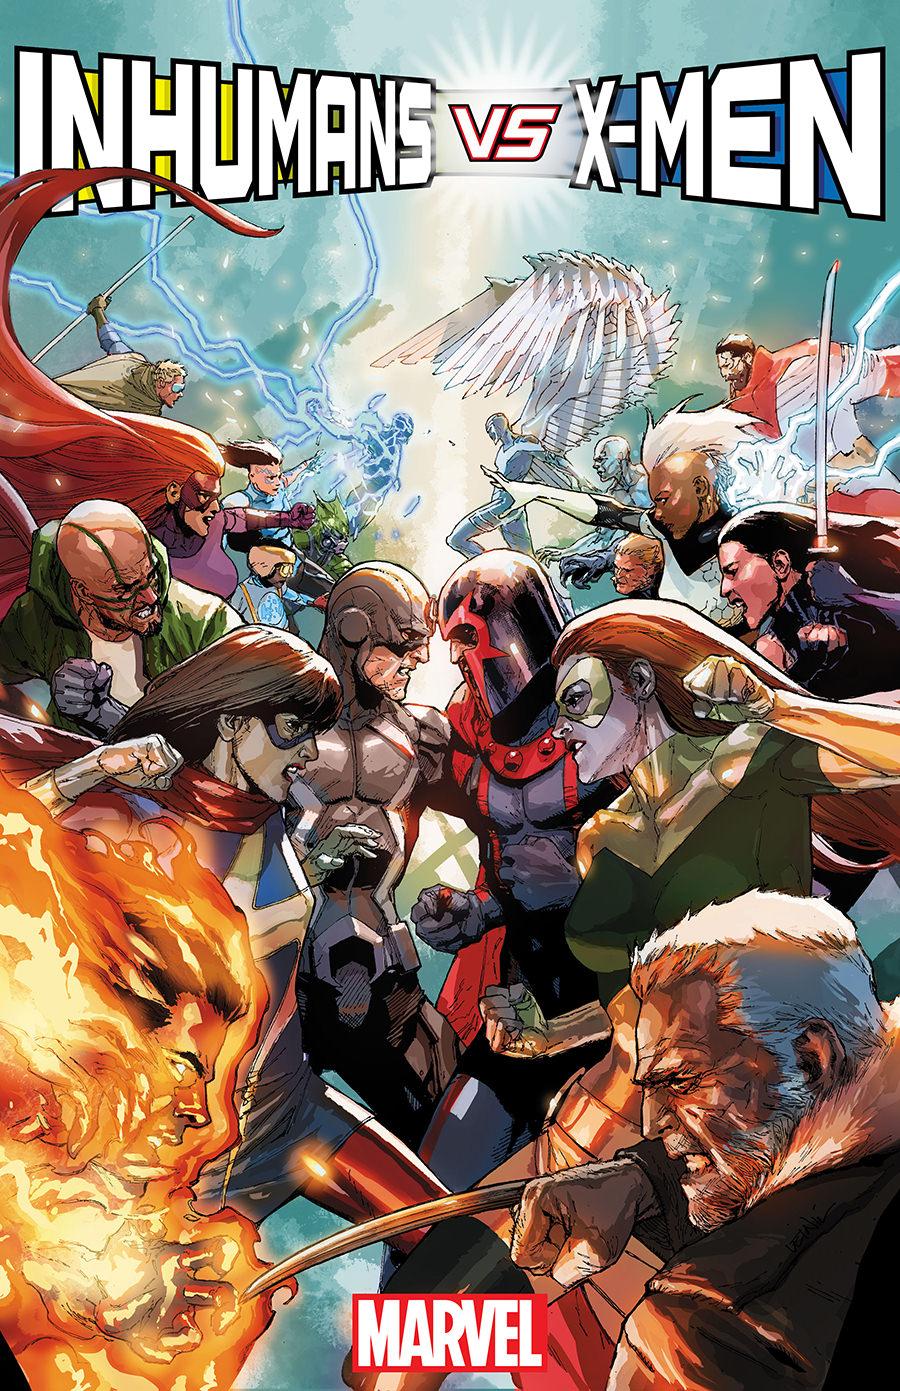 00-Inhumans-vs-X-Men-1-Cover-by-Leinil-Yu-847fe